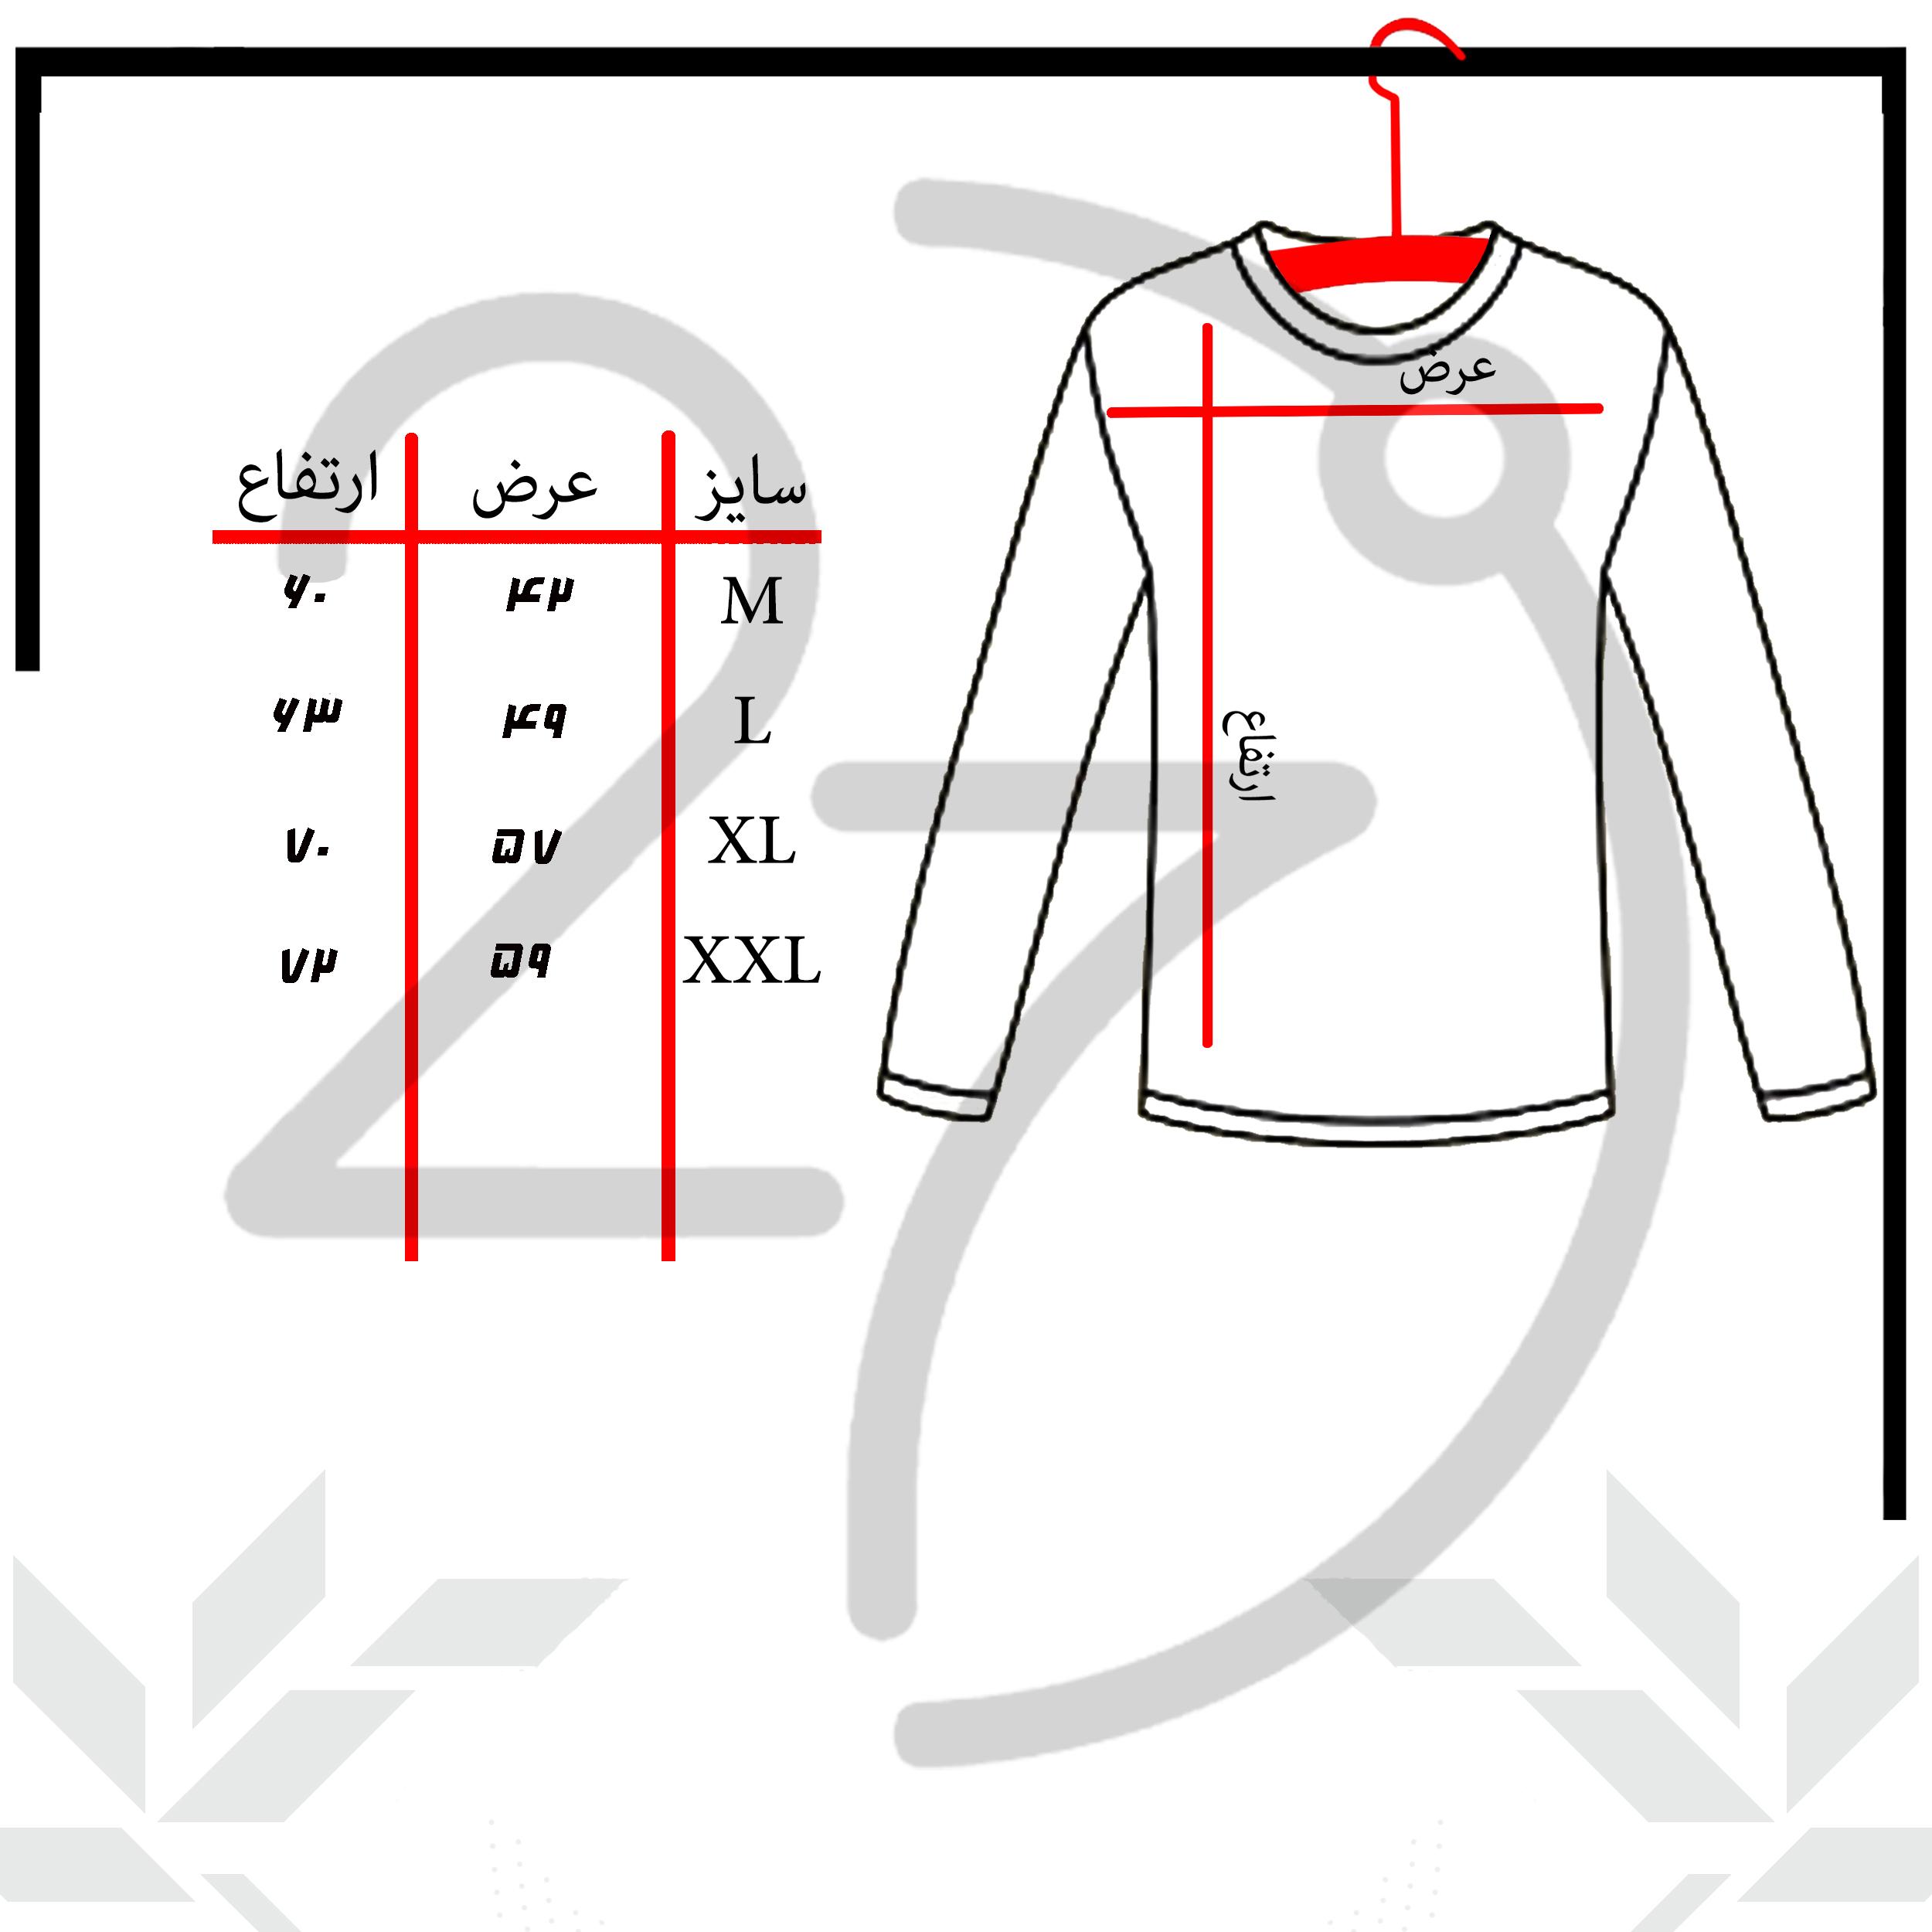 تی شرت آستین بلند زنانه 27 مدل Sia کد B134